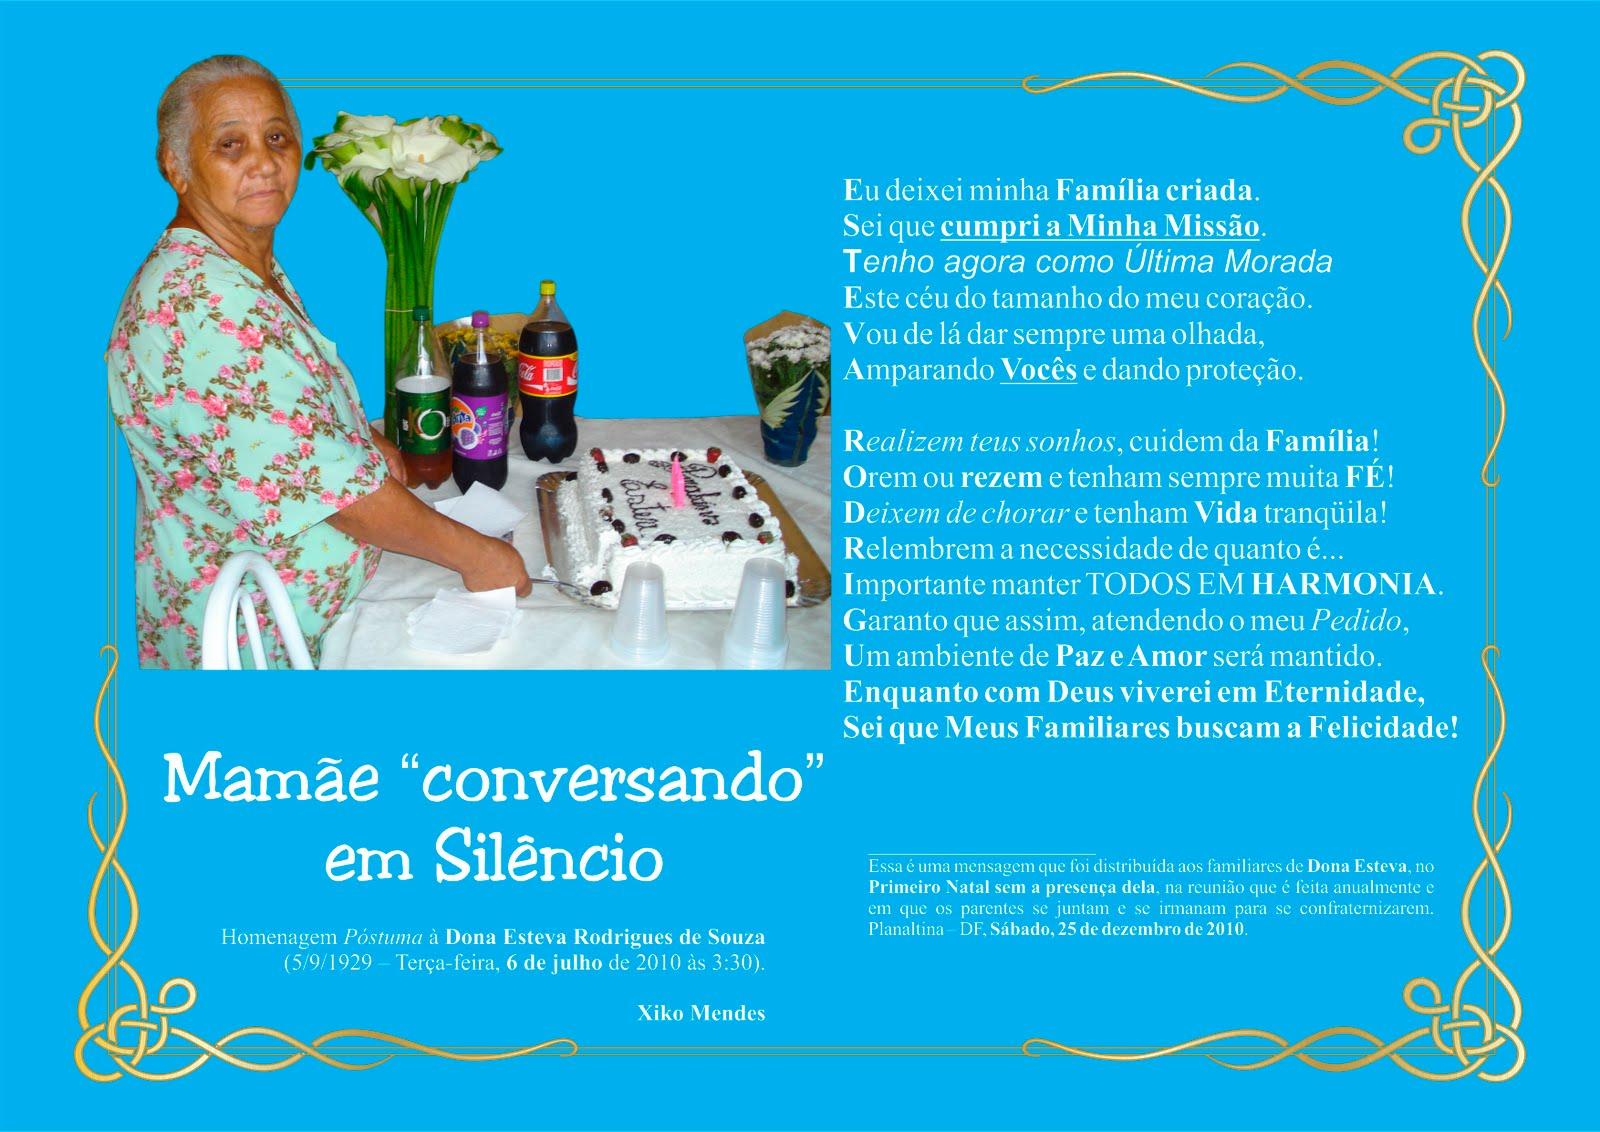 E.RO.S (Esteva Rodrigues de Souza, 1929-2010)